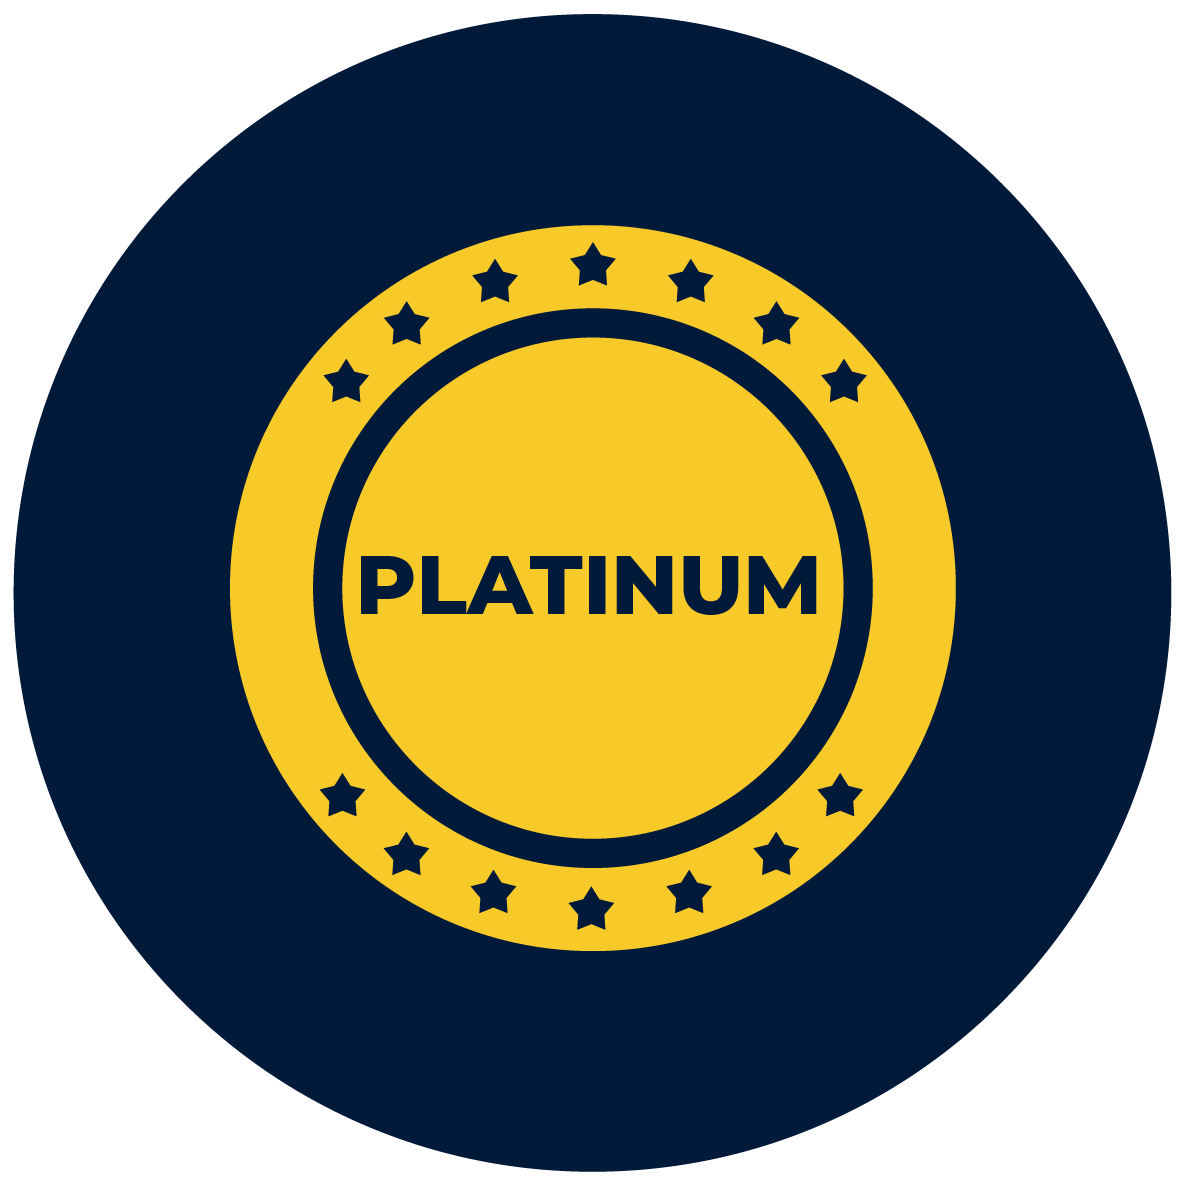 platinum coin icon